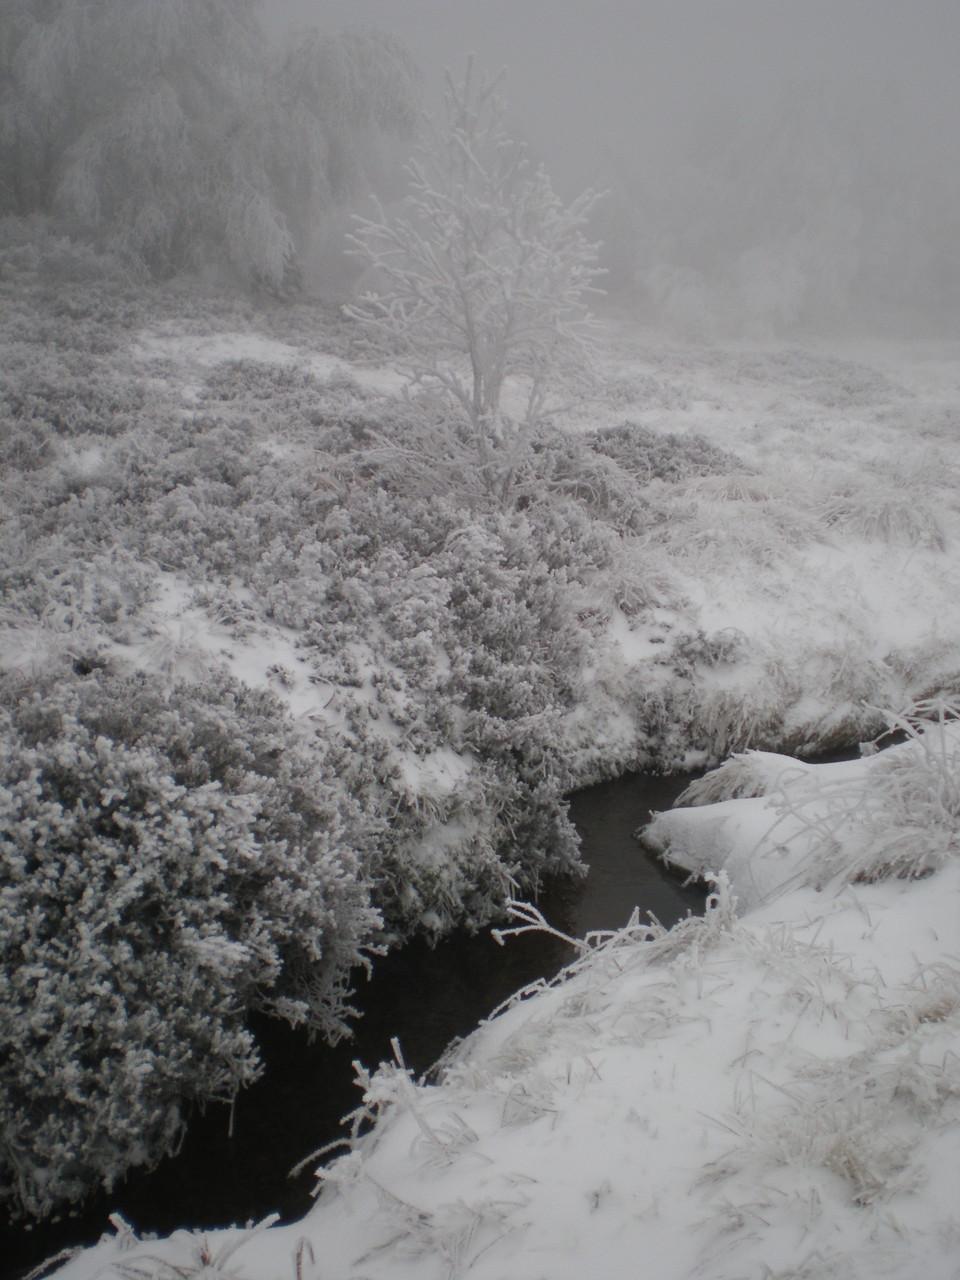 Les  sources du Lignon en hiver dans une tourbière